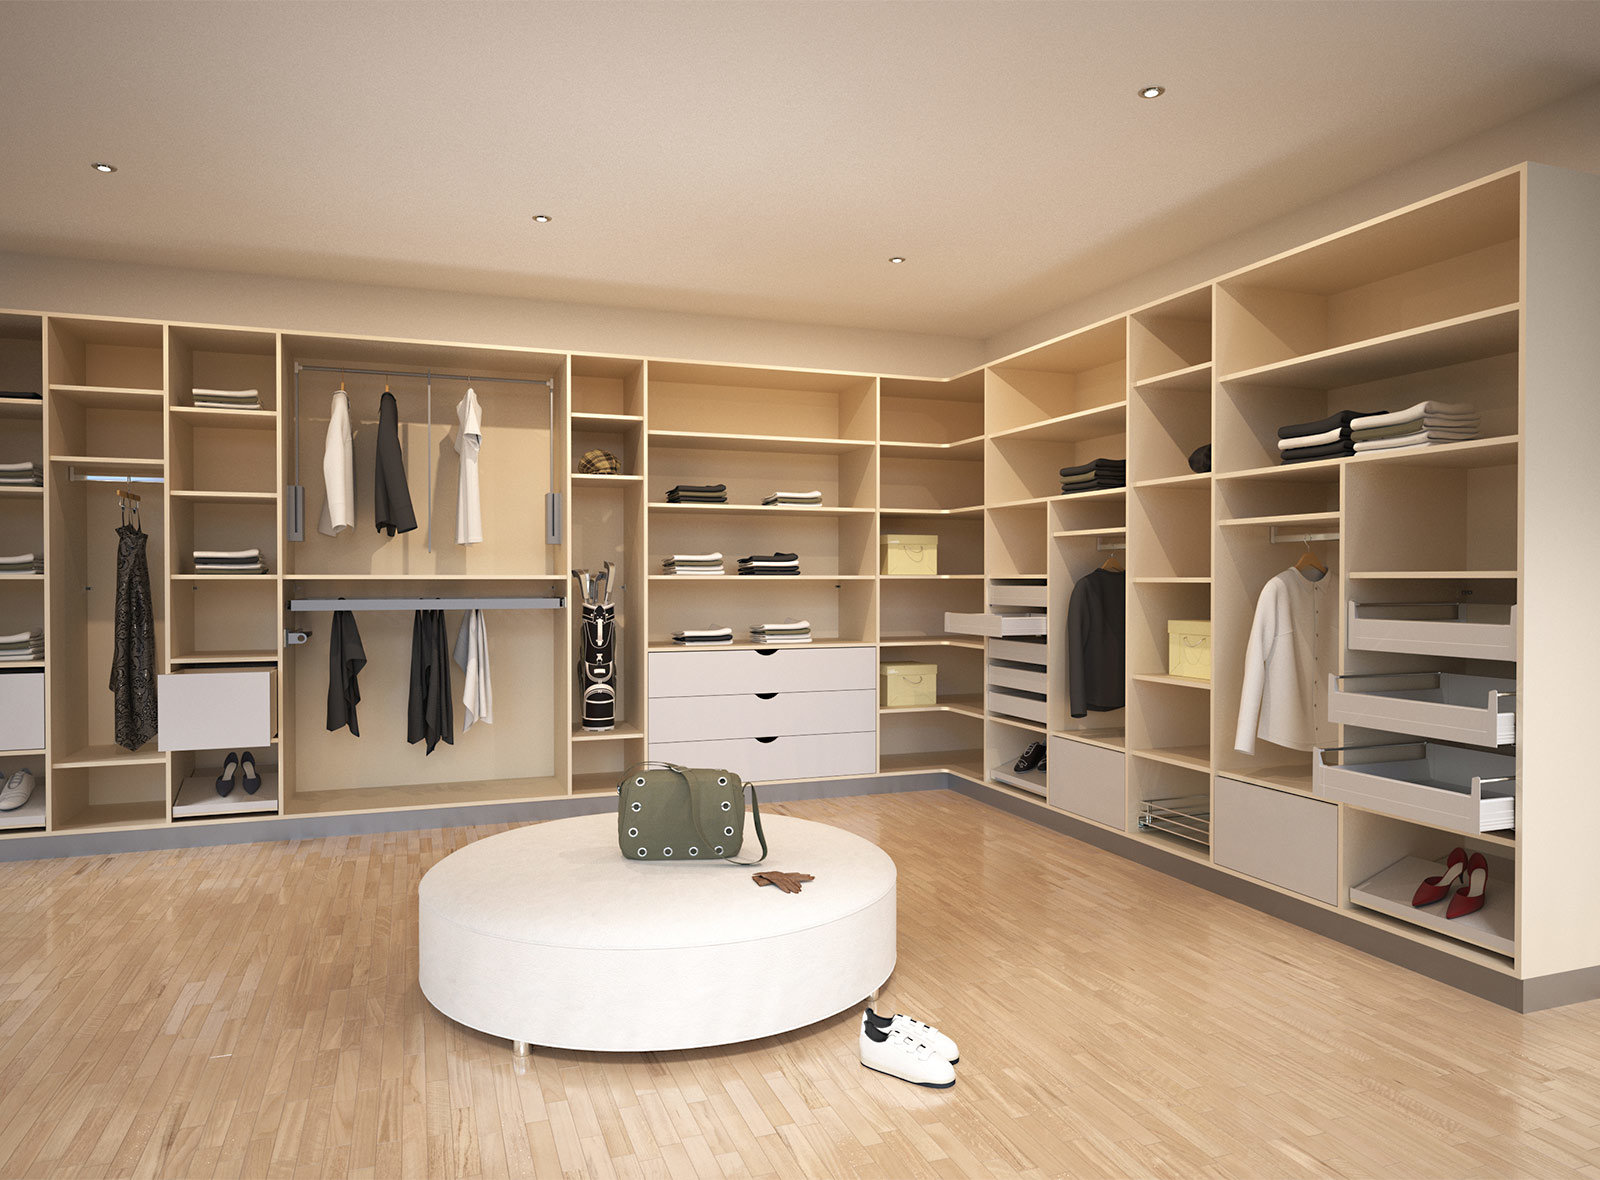 Badezimmermöbel von Framo | Bestswiss